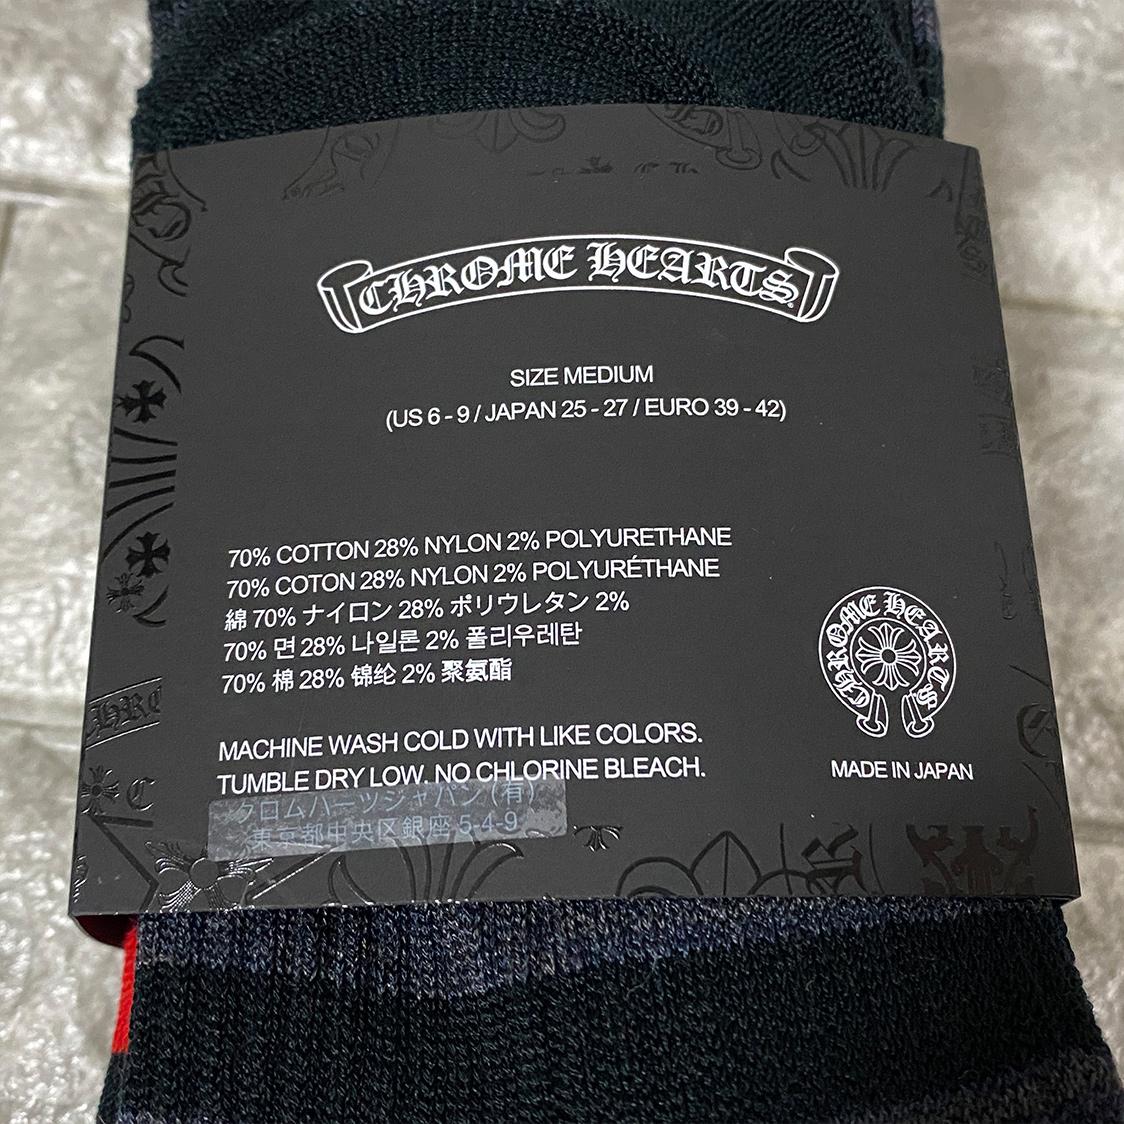 新品 クロムハーツ Chrome Hearts 【Mサイズ】 SOCKS BORDER 3PK ソックス 靴下 ボーダー 3枚セット